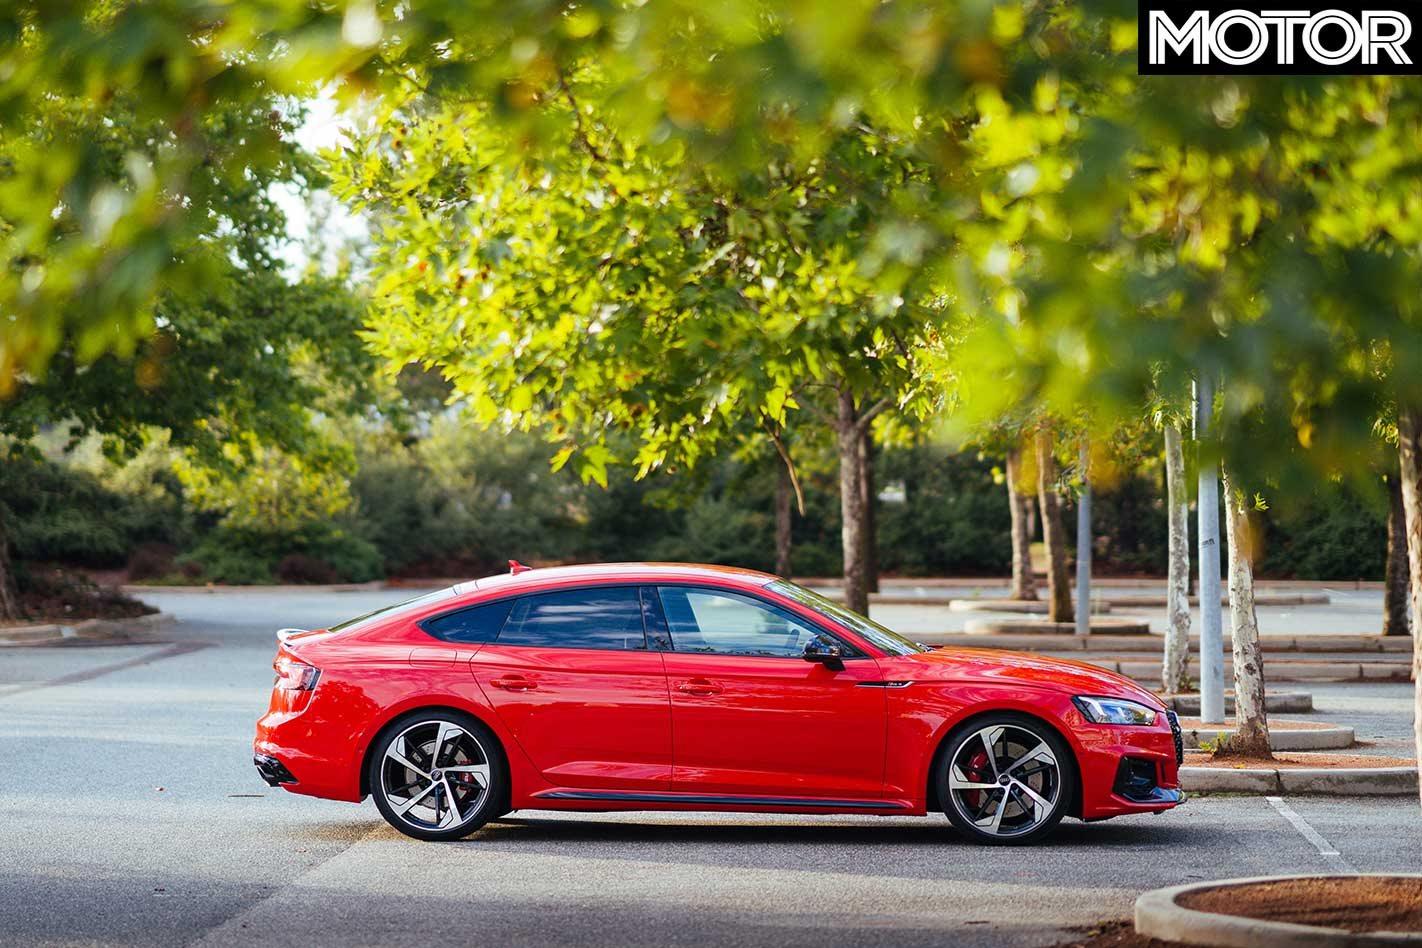 2019 Audi RS5 Sportback review | MOTOR